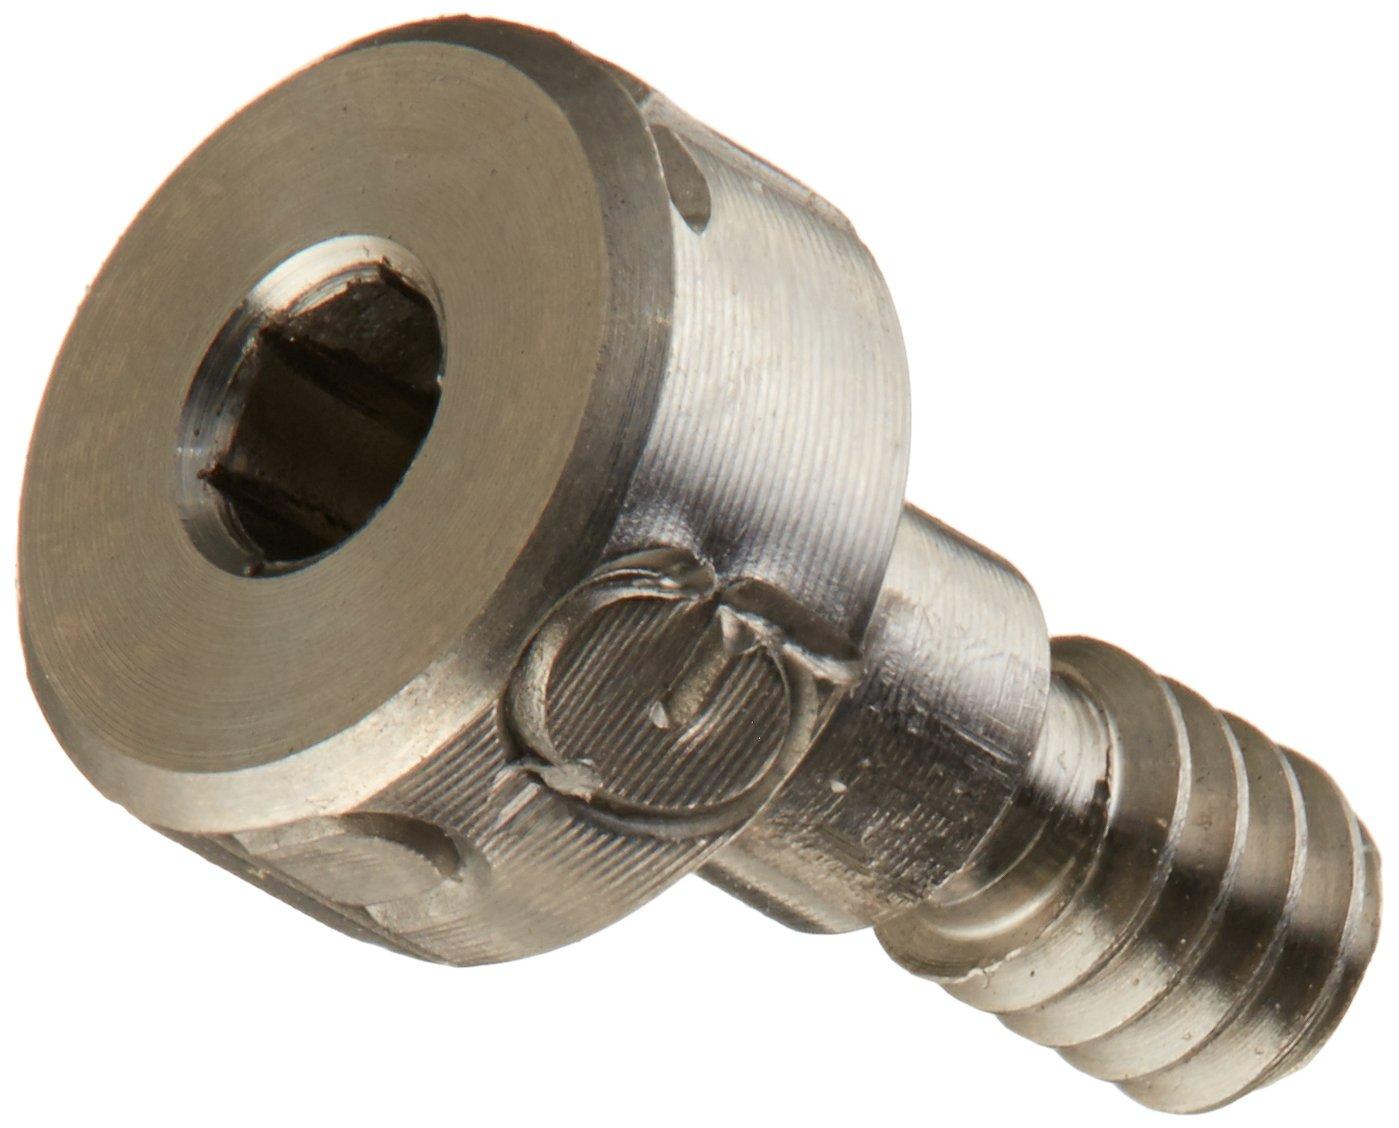 Hex Socket Drive Socket Head Cap Standard Tolerance Meets ASME B18.3 #8-32 Thread Size Grade 2 Titanium Shoulder Screw 5//8 Shoulder Length 3//16 Shoulder Diameter